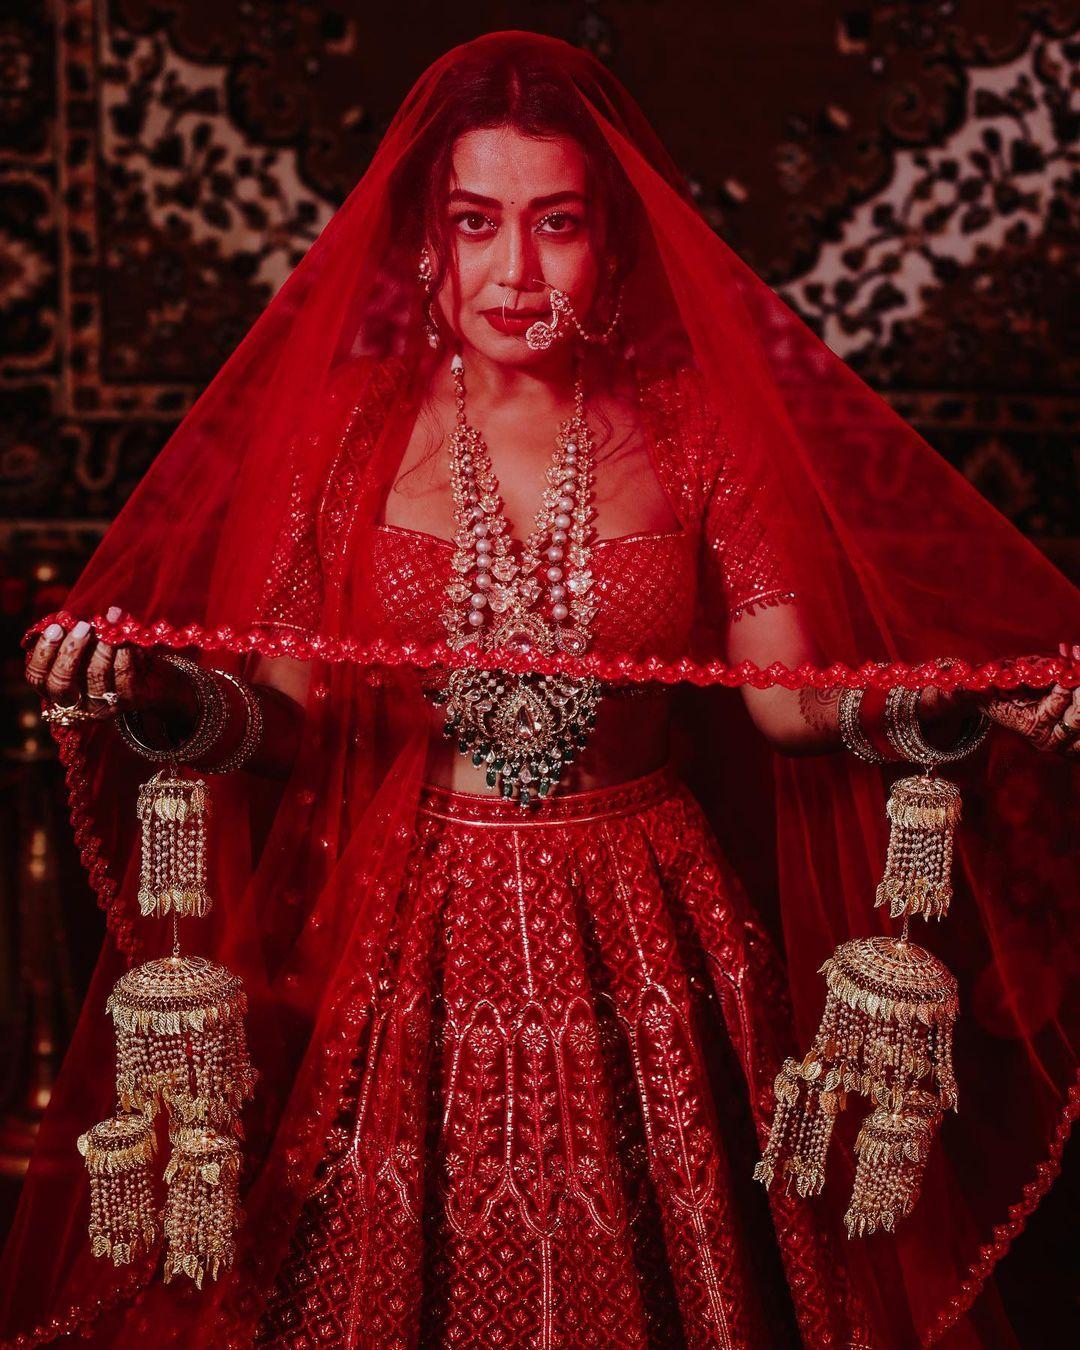 સૌ કોઇ નેહા કક્કડનાં લગ્નની તસવીરો સોશિયલ મીડિયામાં જોઇ રહ્યાં છે અને તેને લાઇક કરી રહ્યાં છે. (PHOTO: Instagram)